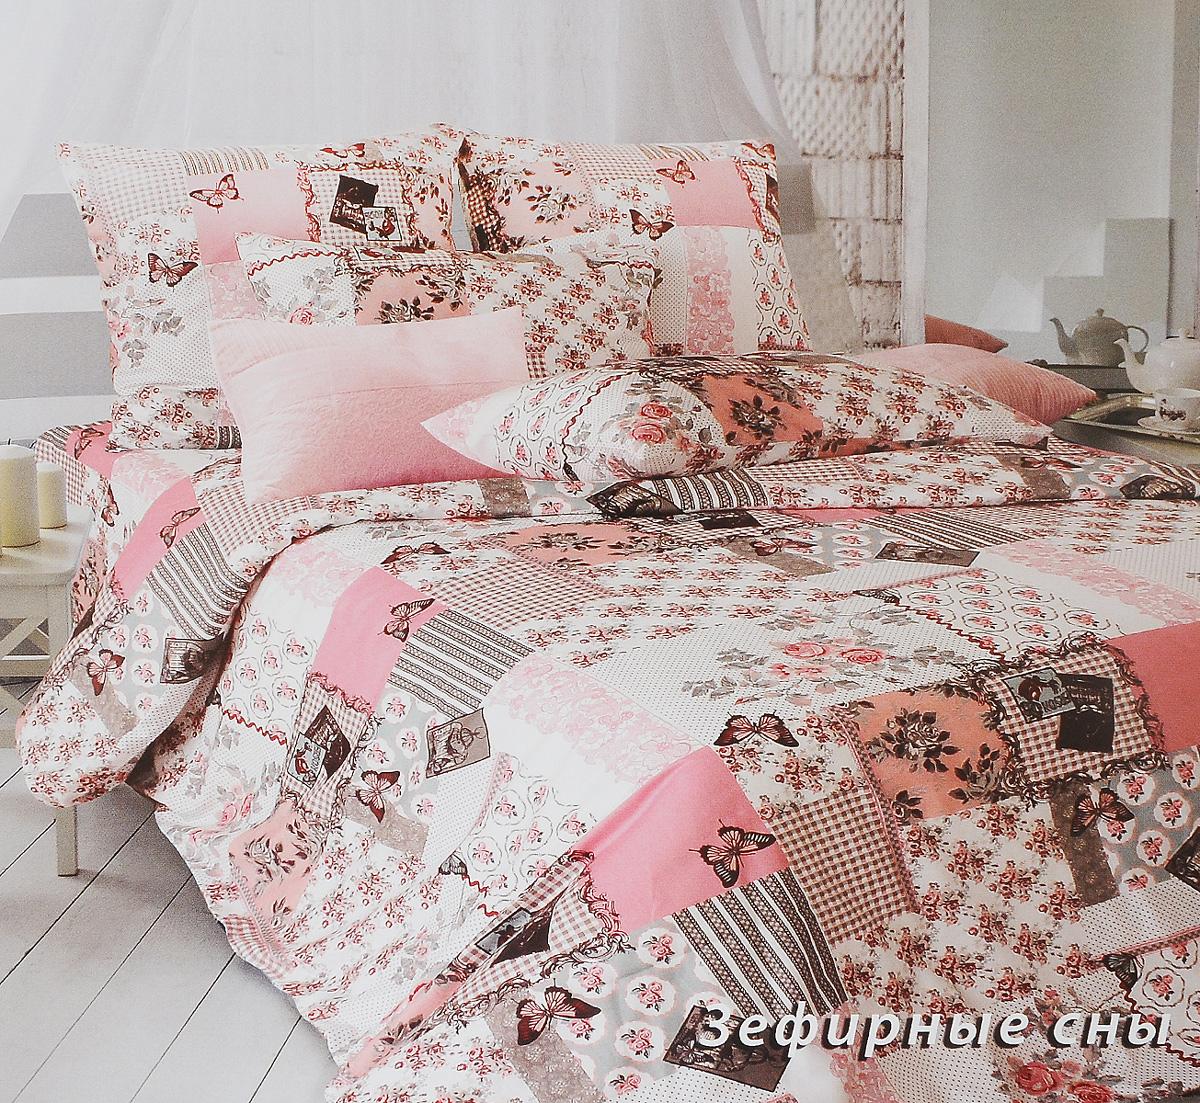 Комплект белья Tiffanys Secret Зефирные сны, 1,5-спальный, наволочки 70х70, цвет: розовый, белый, темно-коричневый2040115961Комплект постельного белья Tiffanys Secret Зефирные сны является экологически безопасным для всей семьи, так как выполнен из сатина (100% хлопок). Комплект состоит из пододеяльника, простыни и двух наволочек. Предметы комплекта оформлены оригинальным рисунком. Благодаря такому комплекту постельного белья вы сможете создать атмосферу уюта и комфорта в вашей спальне. Сатин - это ткань, навсегда покорившая сердца человечества. Ценившие роскошь персы называли ее атлас, а искушенные в прекрасном французы - сатин. Секрет высококачественного сатина в безупречности всего технологического процесса. Эту благородную ткань делают только из отборной натуральной пряжи, которую получают из самого лучшего тонковолокнистого хлопка. Благодаря использованию самой тонкой хлопковой нити получается необычайно мягкое и нежное полотно. Сатиновое постельное белье превращает жаркие летние ночи в прохладные и освежающие, а холодные зимние - в теплые и согревающие. ...